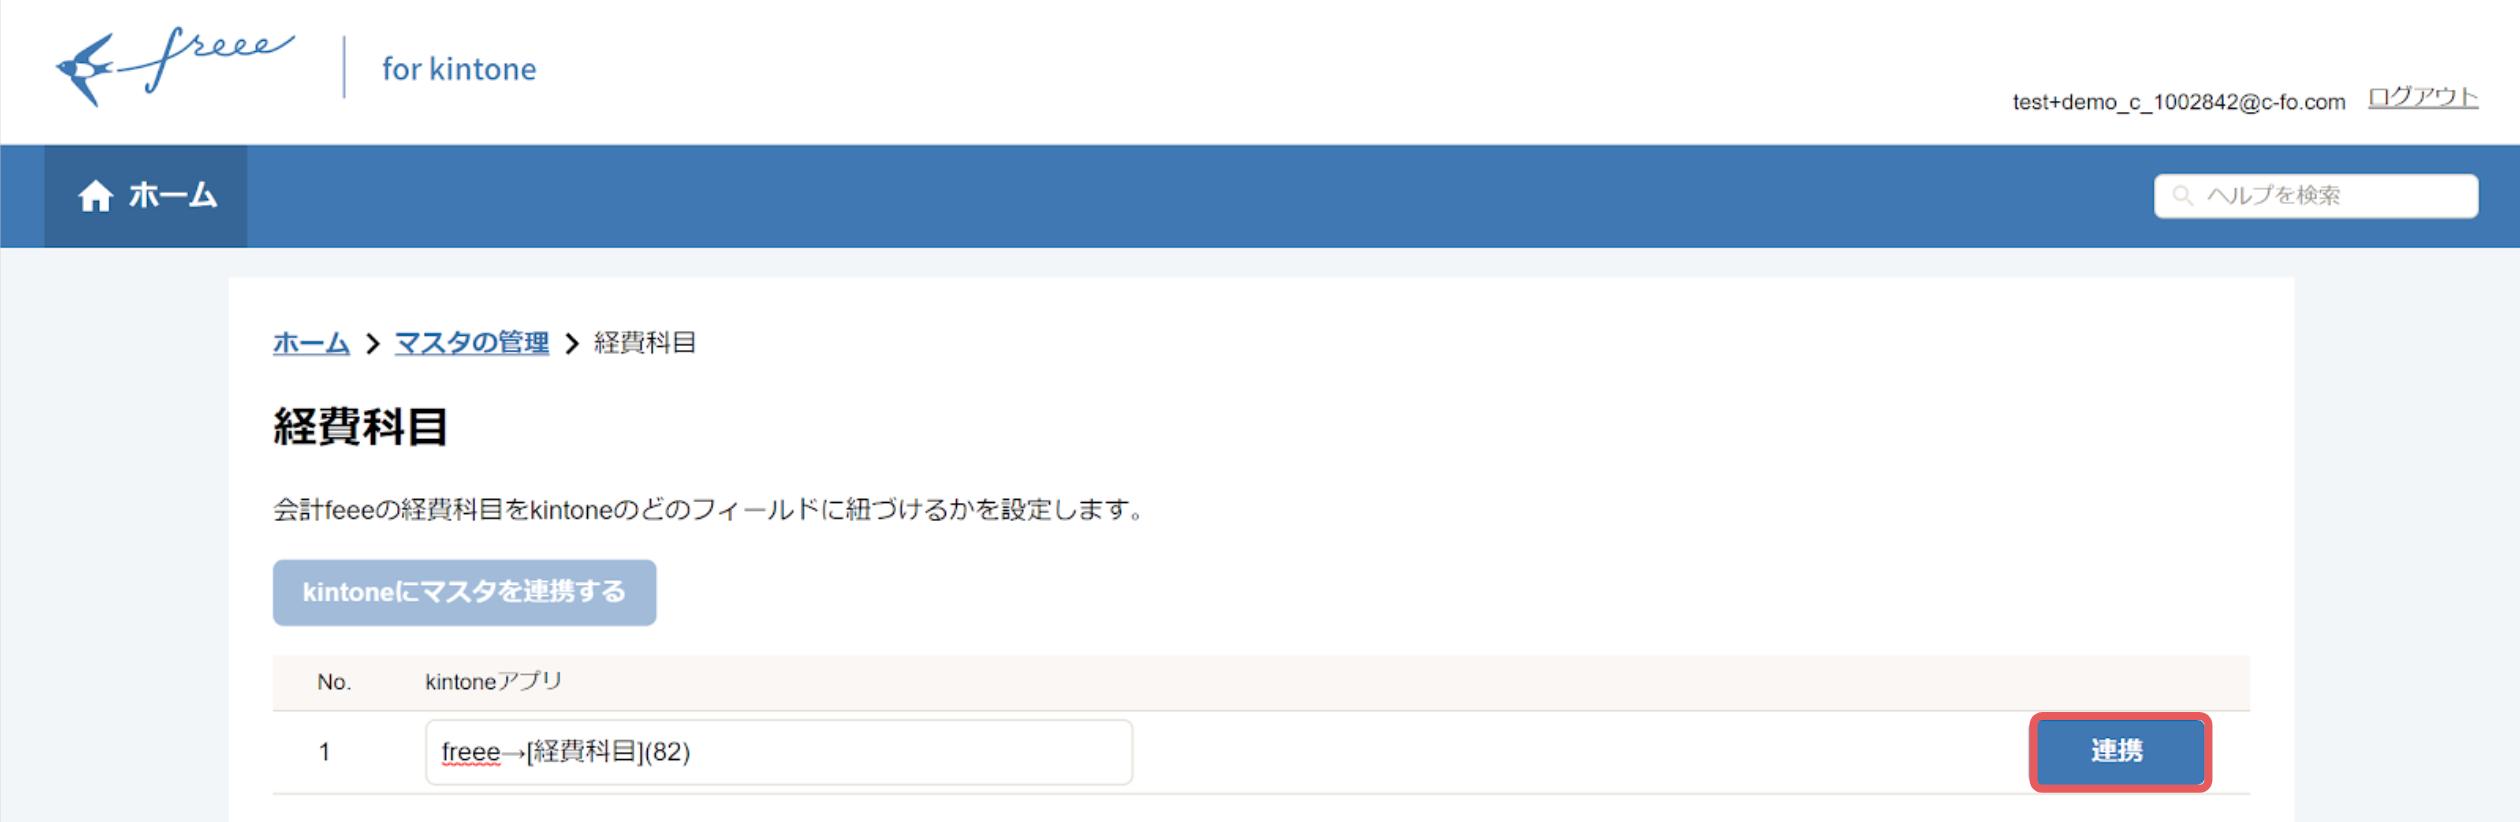 Screen_Shot_2020-07-09_at_16.46.19.png